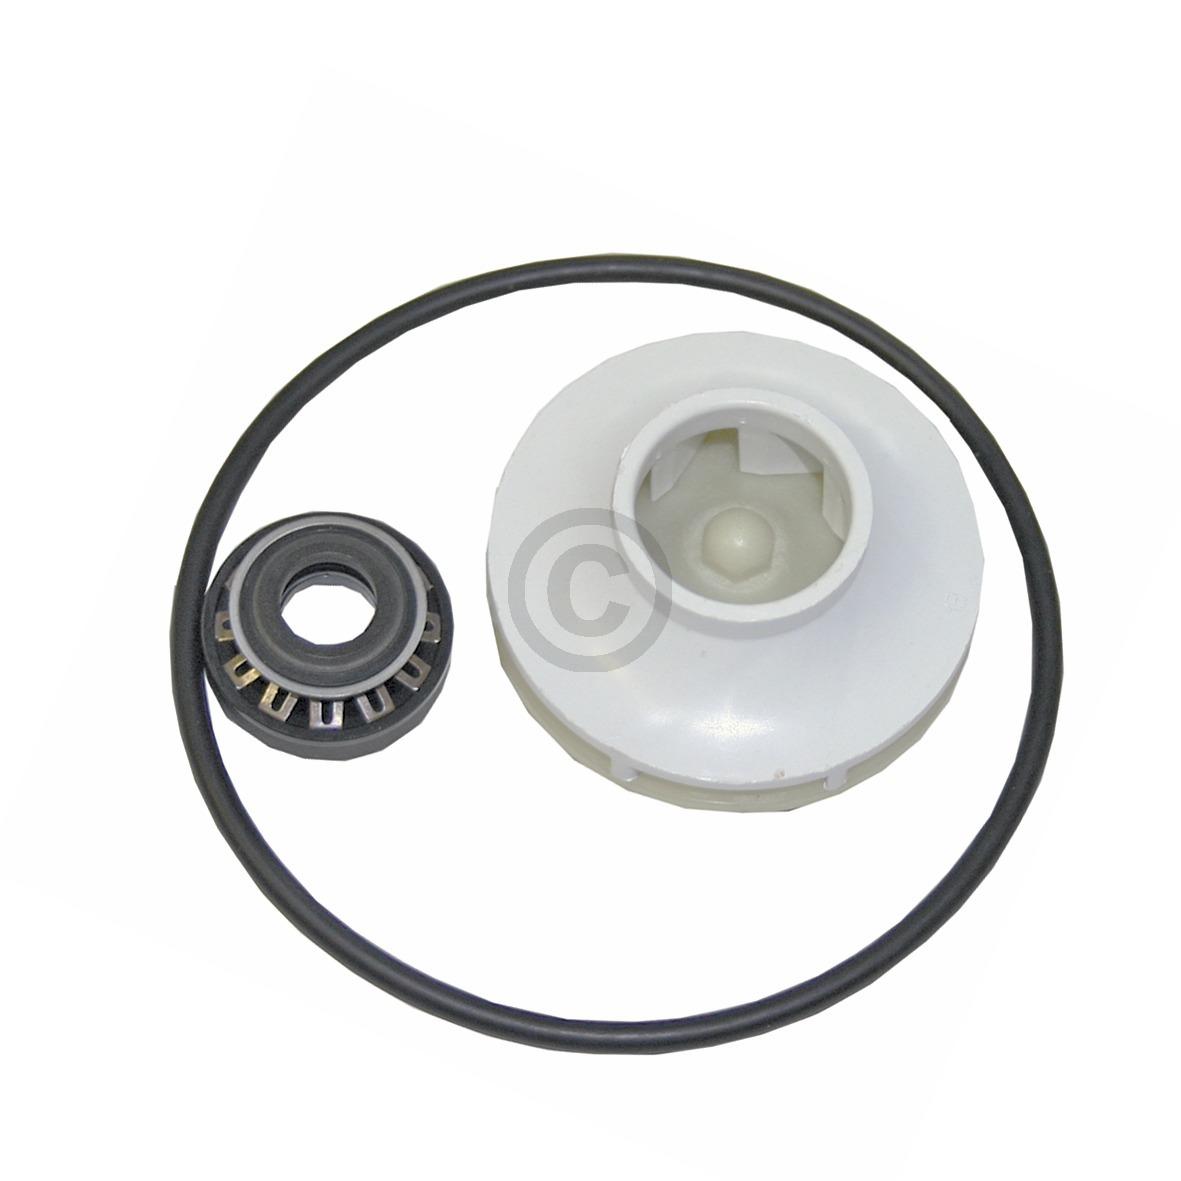 Pumpen-Wellendichtung mit Flügel für Umwälzpumpe 00419027 419027 Bosch, Siemens,